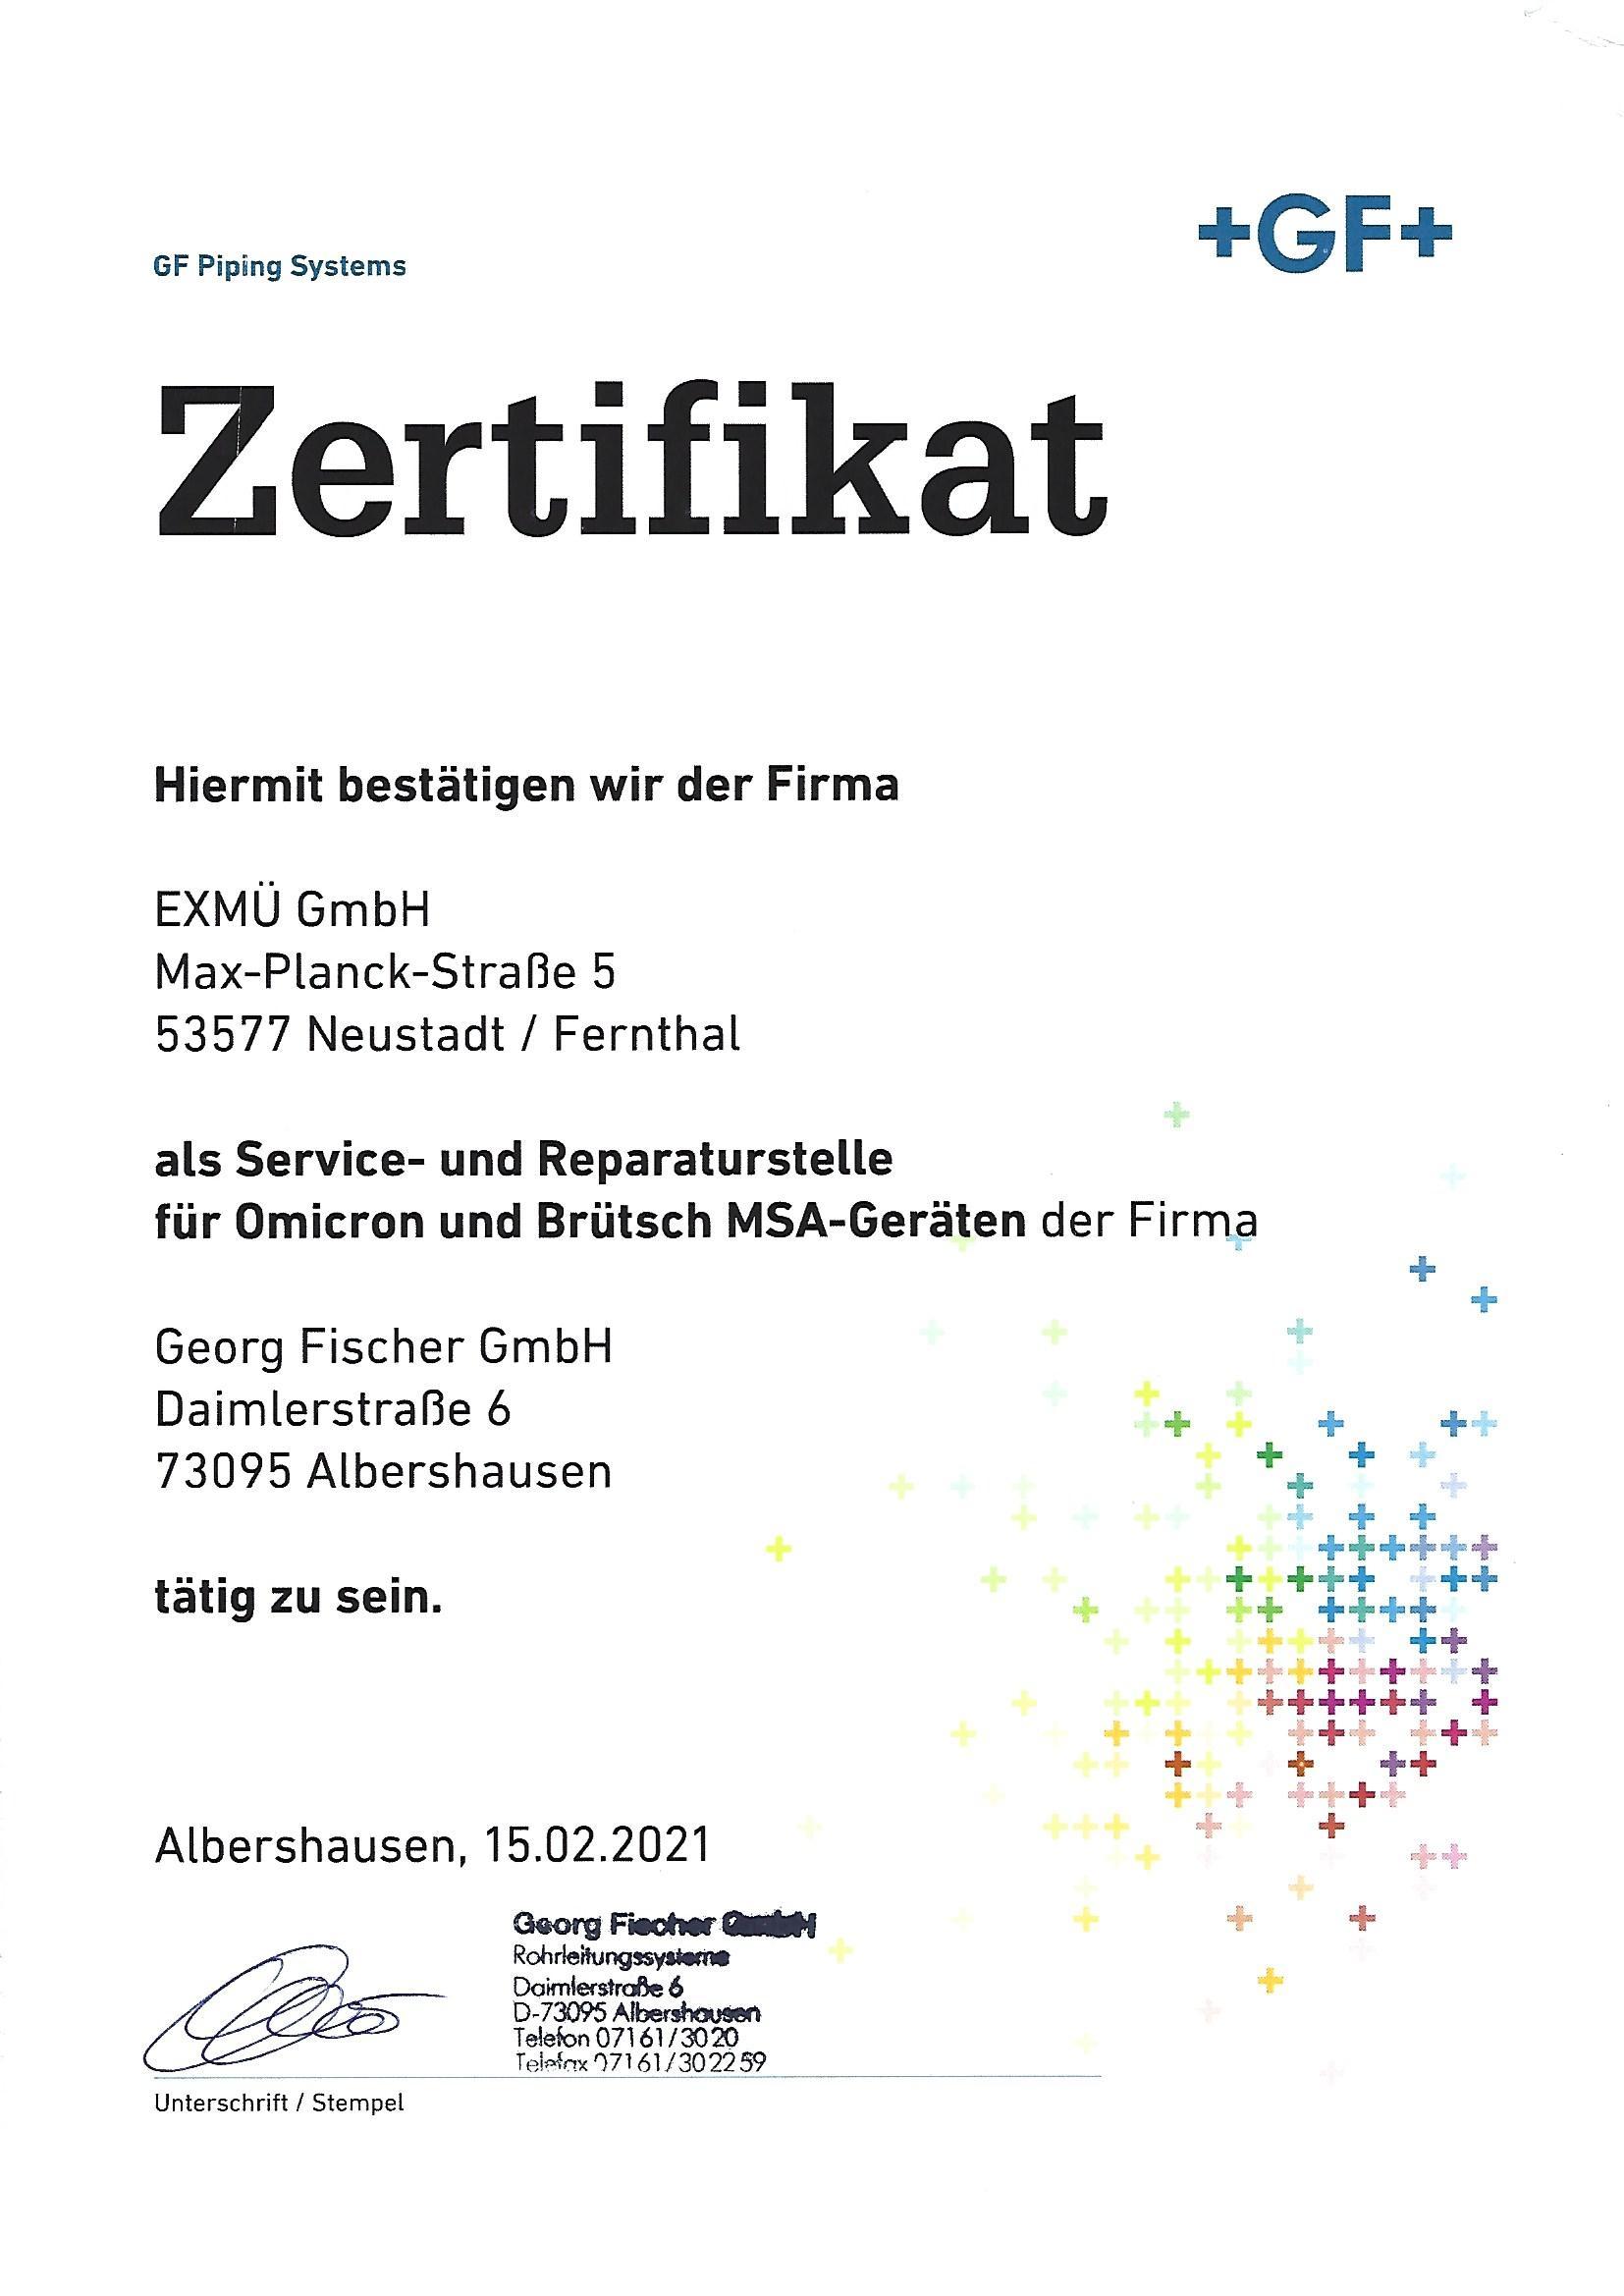 Gerog Fischer Zertifikat 1